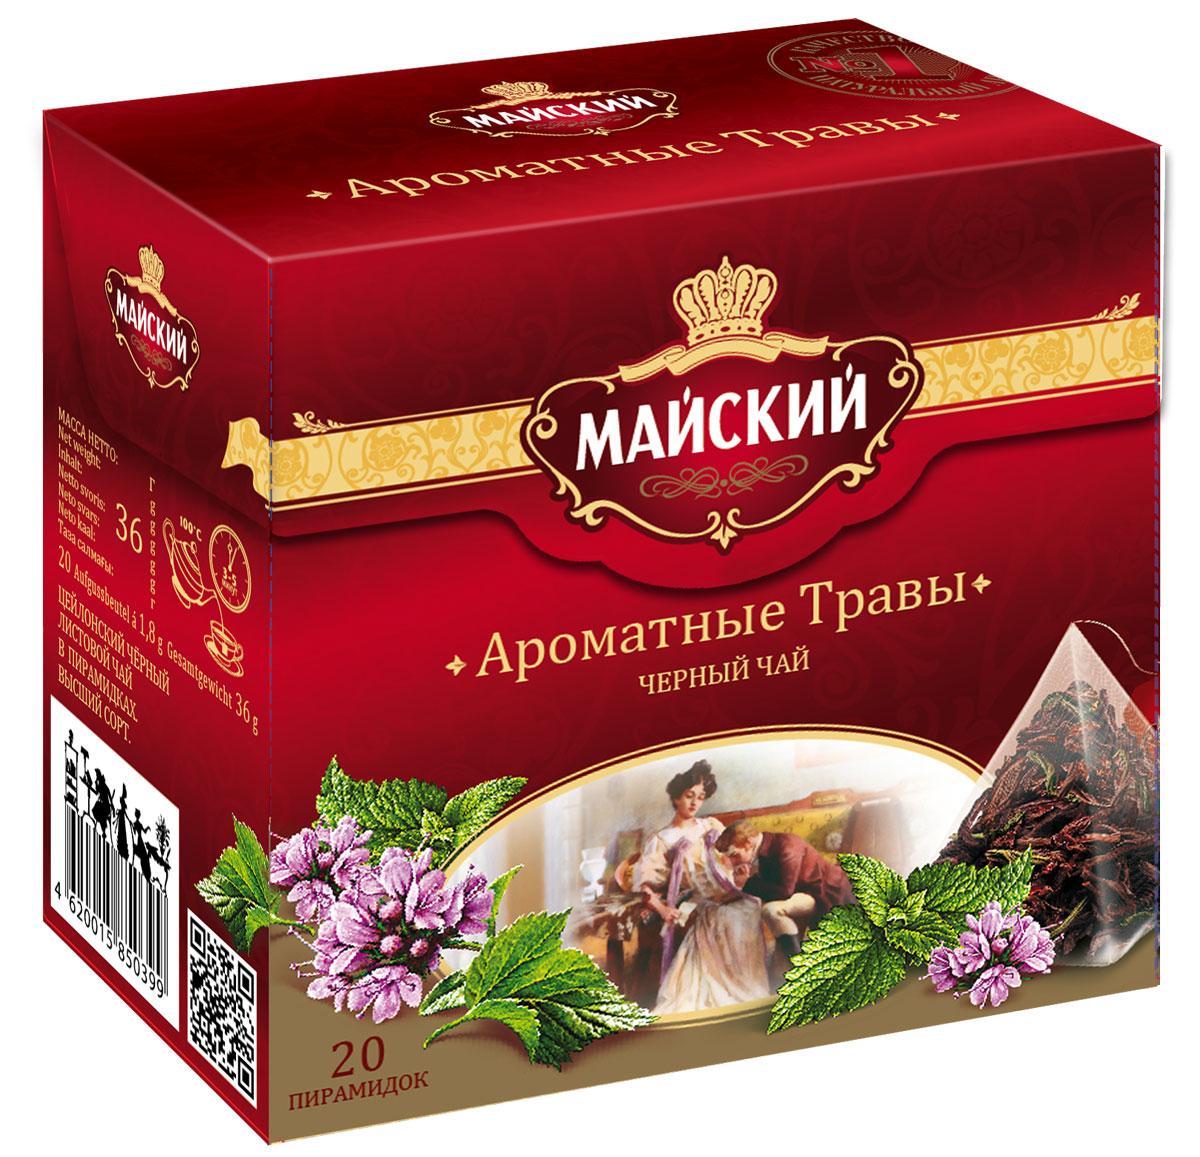 Майский Ароматные травы черный чай в пирамидках, 20 шт newby masala chai черный листовой чай со специями в пирамидках 15 шт